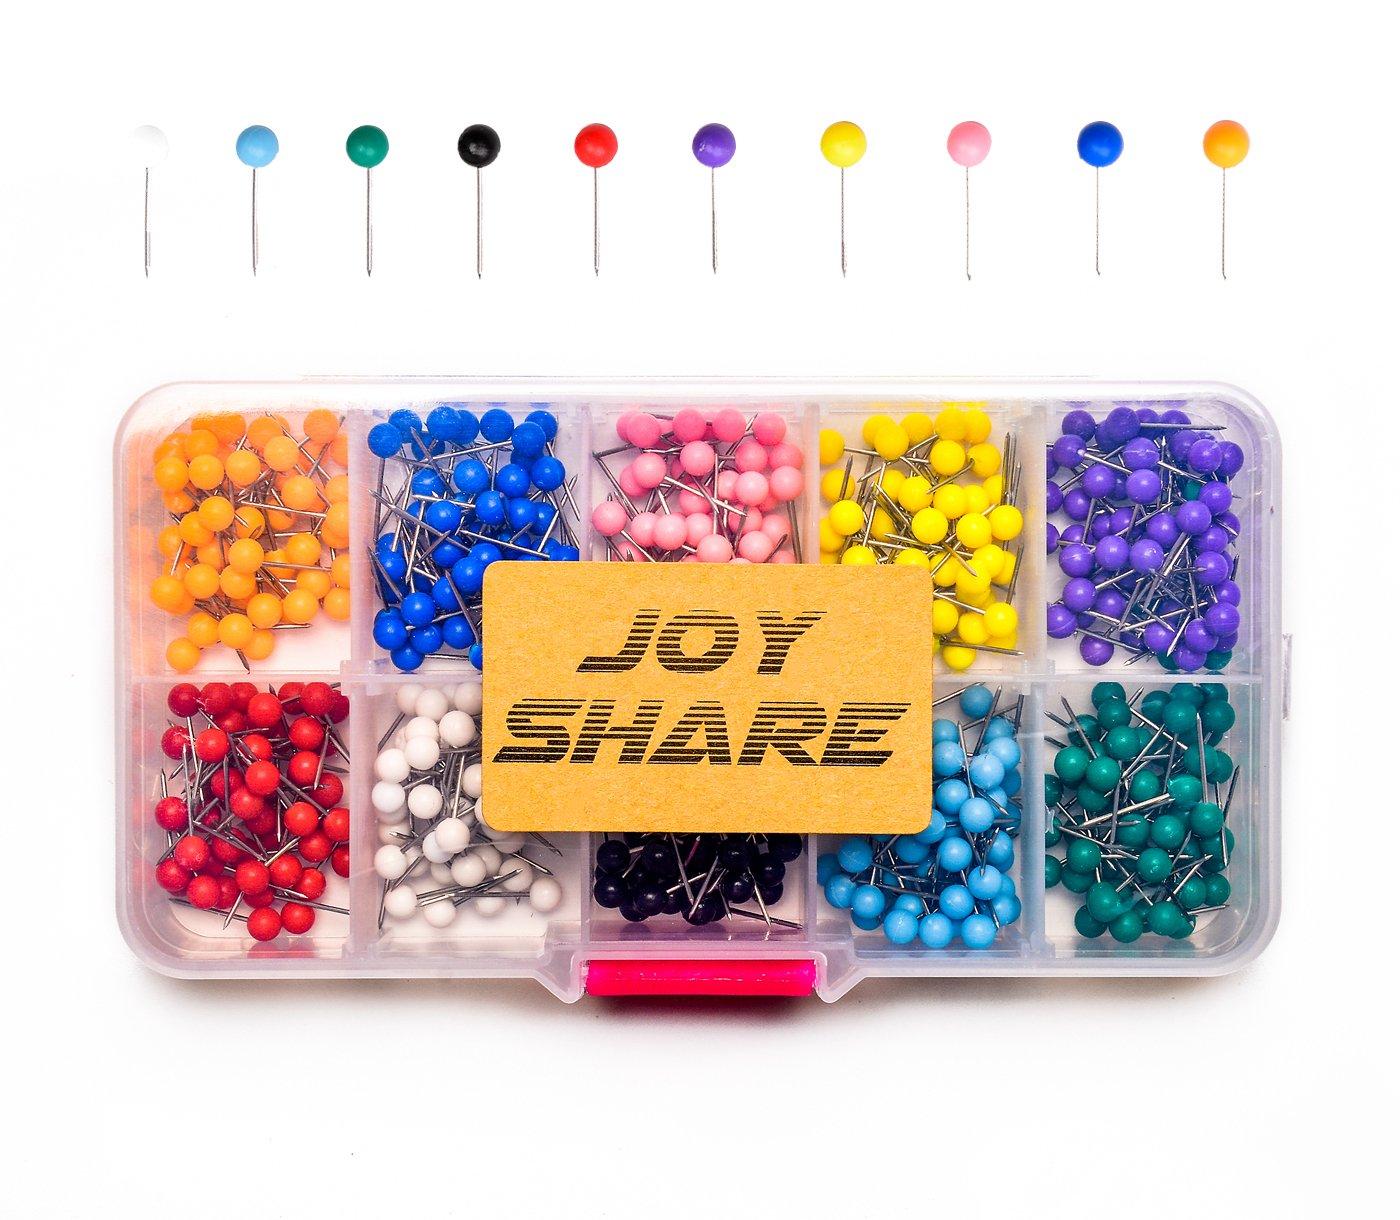 Joyshare 500 Pezzi Puntine da Disegno Chiodini Testa in Plastica con Punta in Acciaio, 1/ 8 Pollici Map Tacks 500